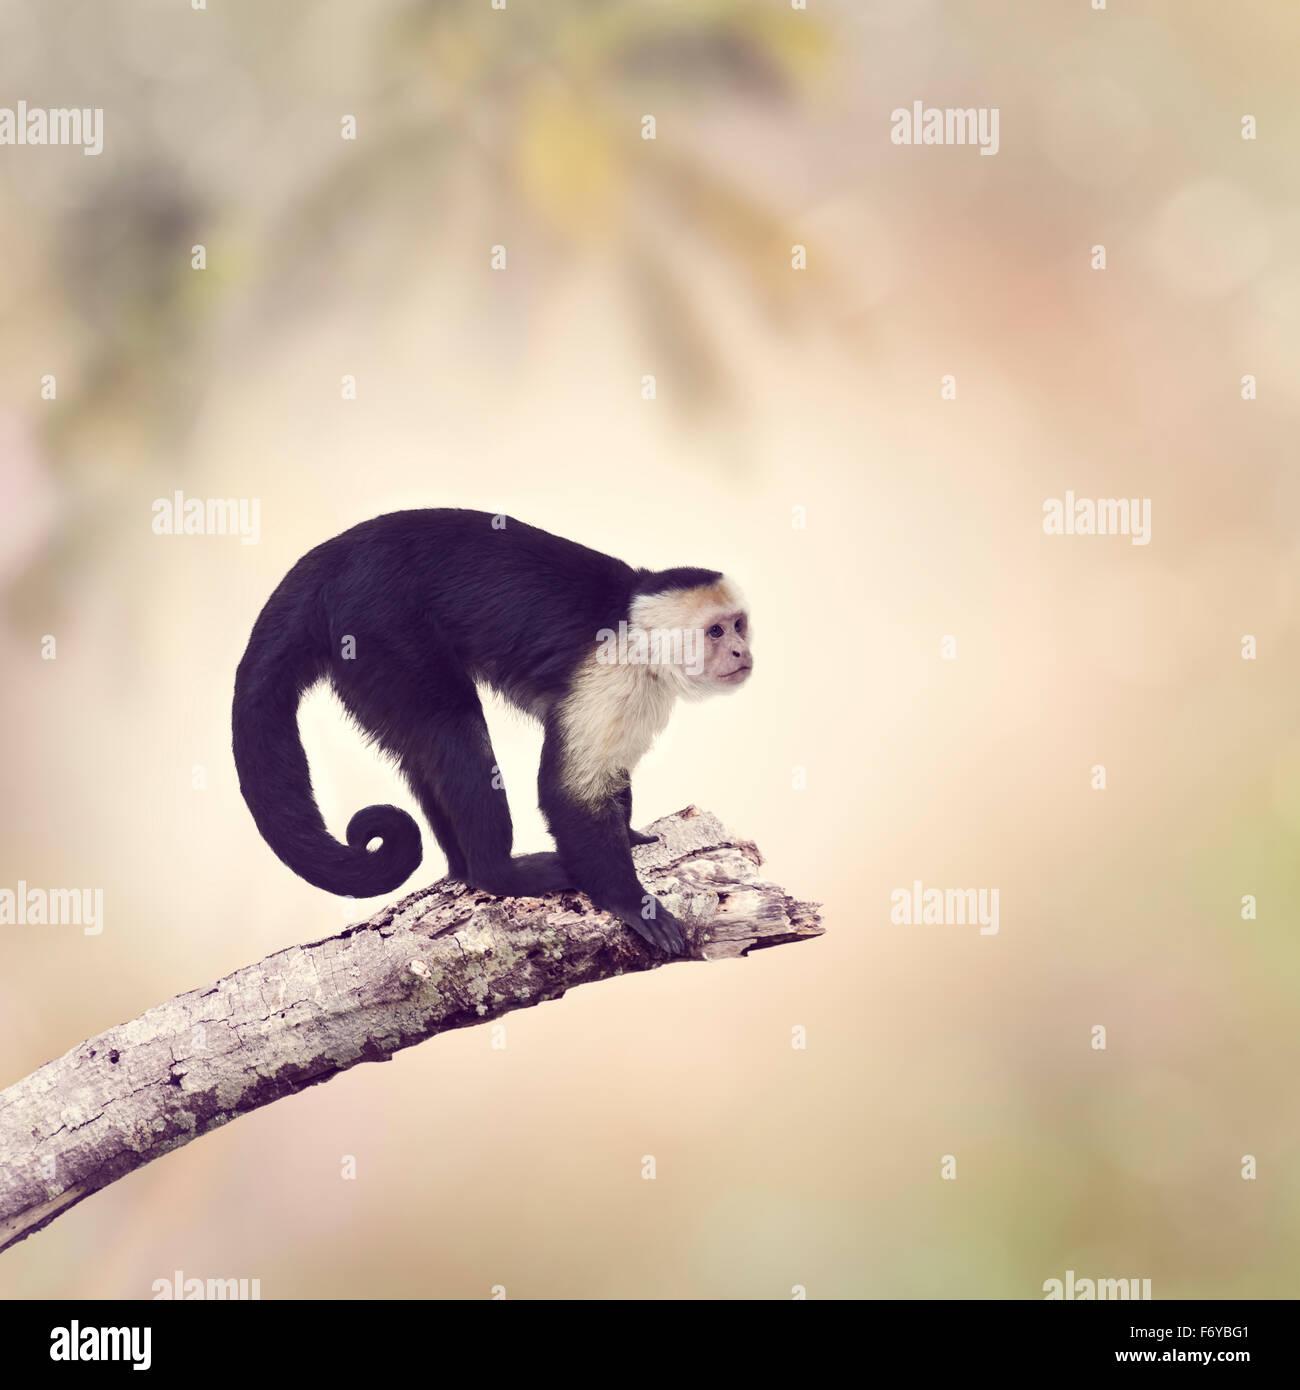 White Throated scimmia cappuccino su un ramo Immagini Stock